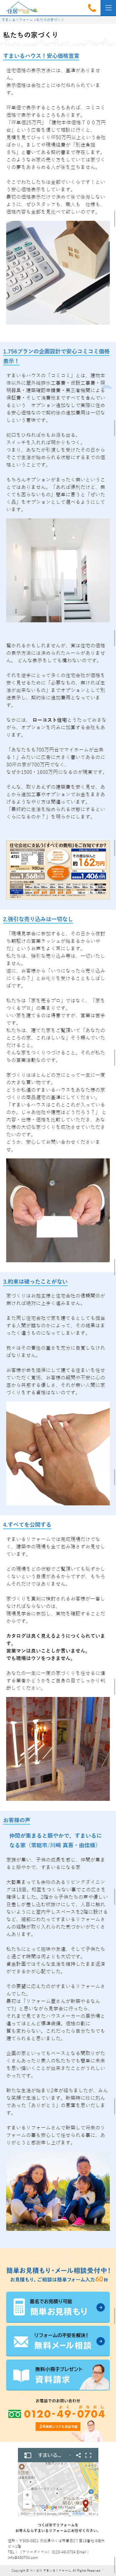 茨城県 すまいるリフォーム株式会社様 ホームページ制作4